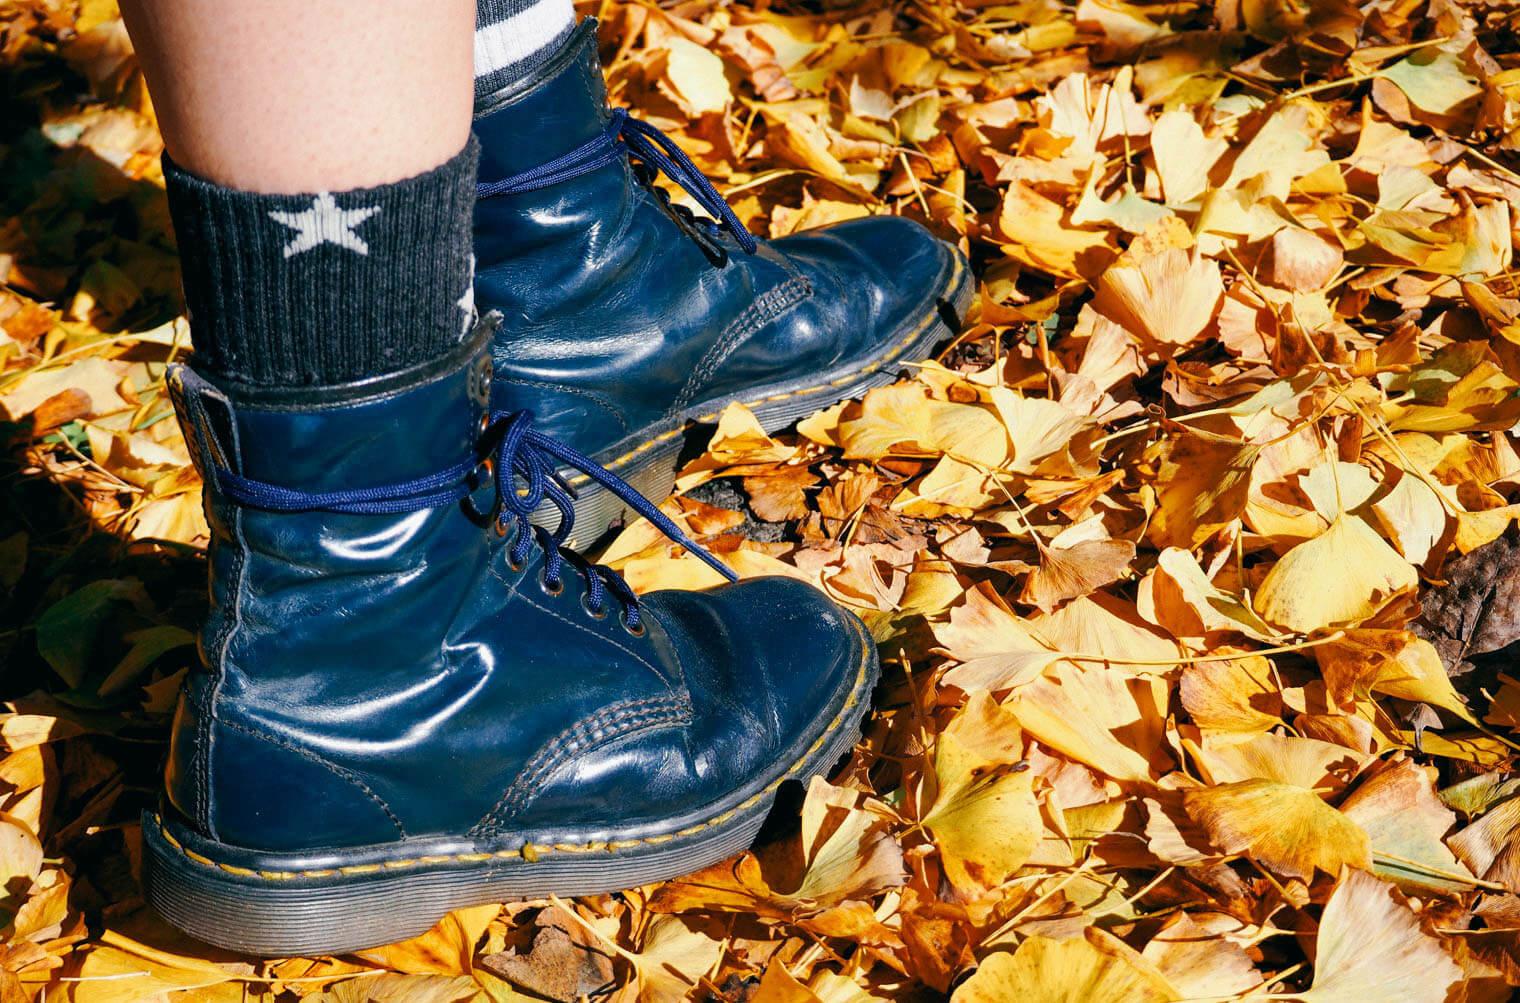 シーズンオフのブーツの収納と正しい保管方法でカビや劣化を防ぐ